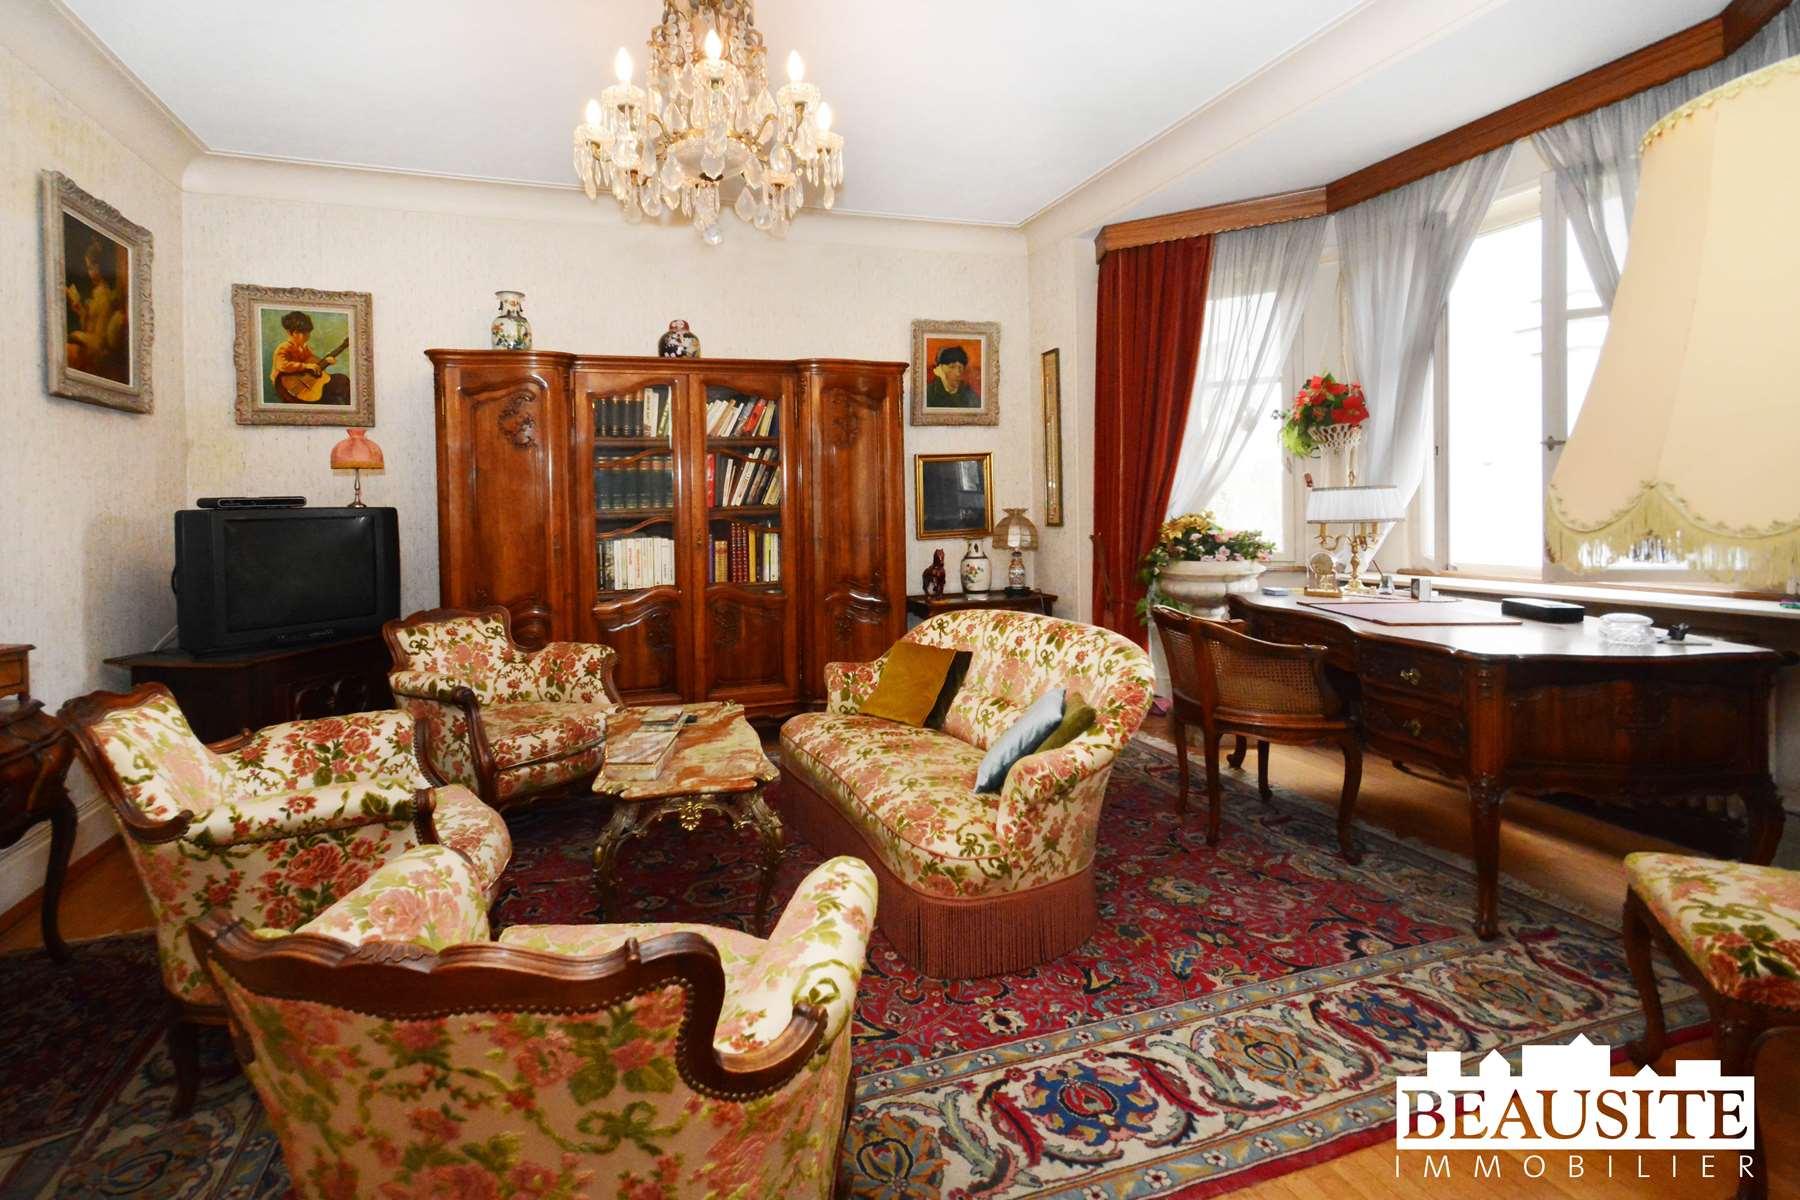 [La Duchesse] Un appartement royal dans un immeuble de caractère - Schiltigheim / Malteries - nos ventes - Beausite Immobilier 3